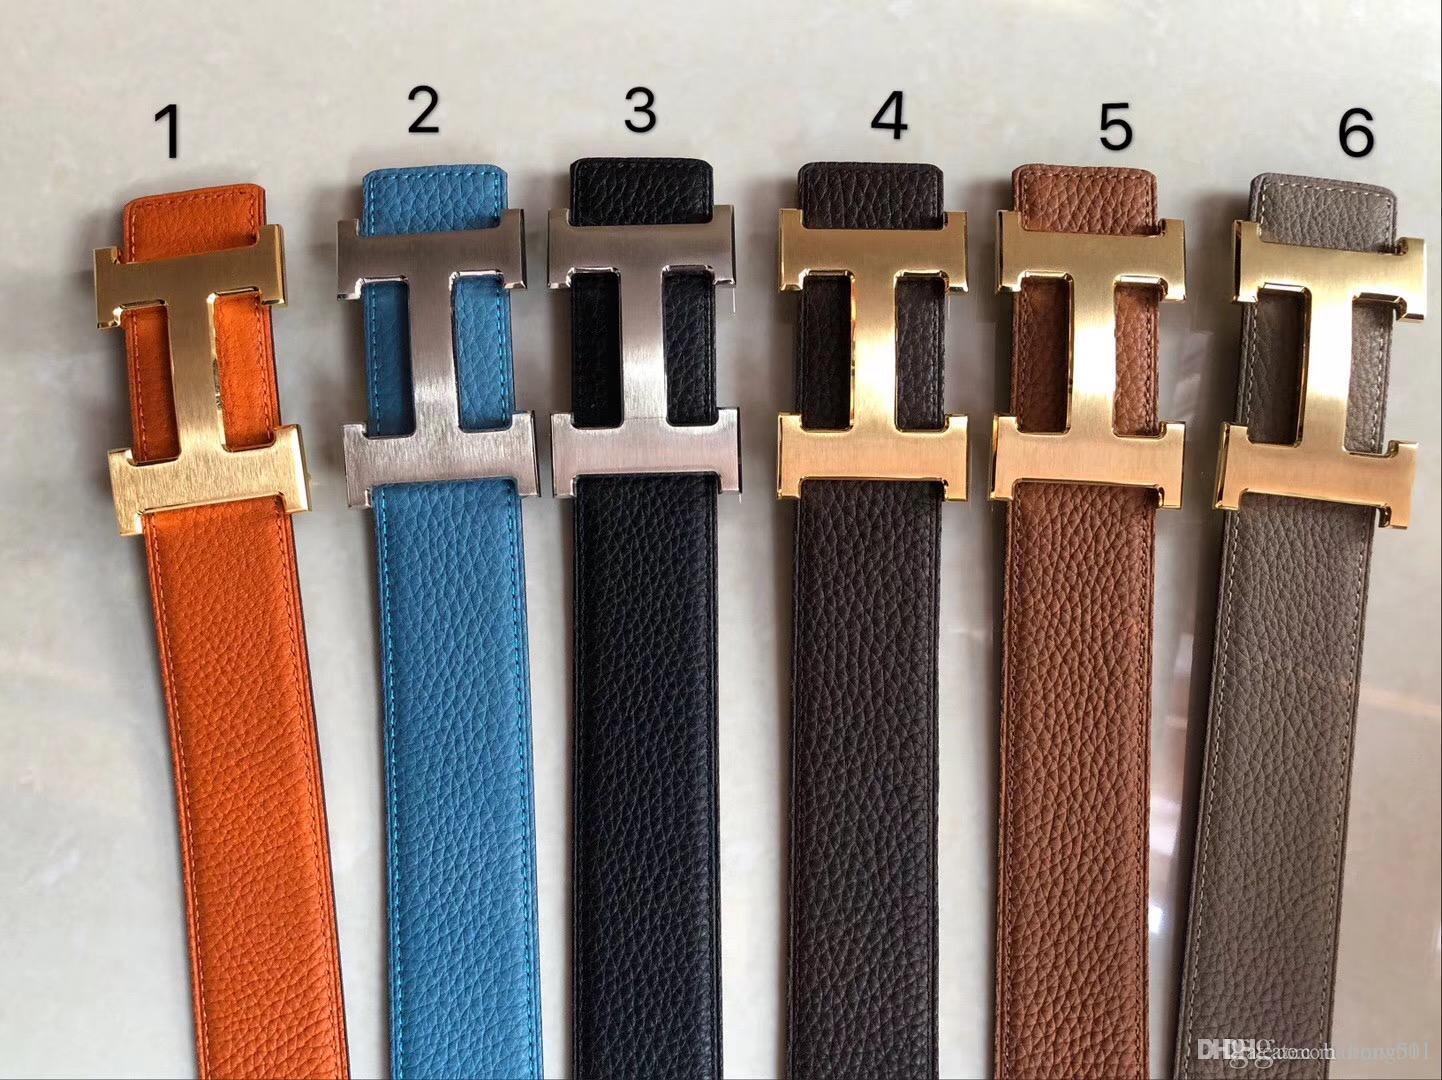 homens de alta qualidade uxury Cintos mens cowskin correia de couro do desenhador marca cintos para homem Cintos ouro prata Buckle shipping2020 livre